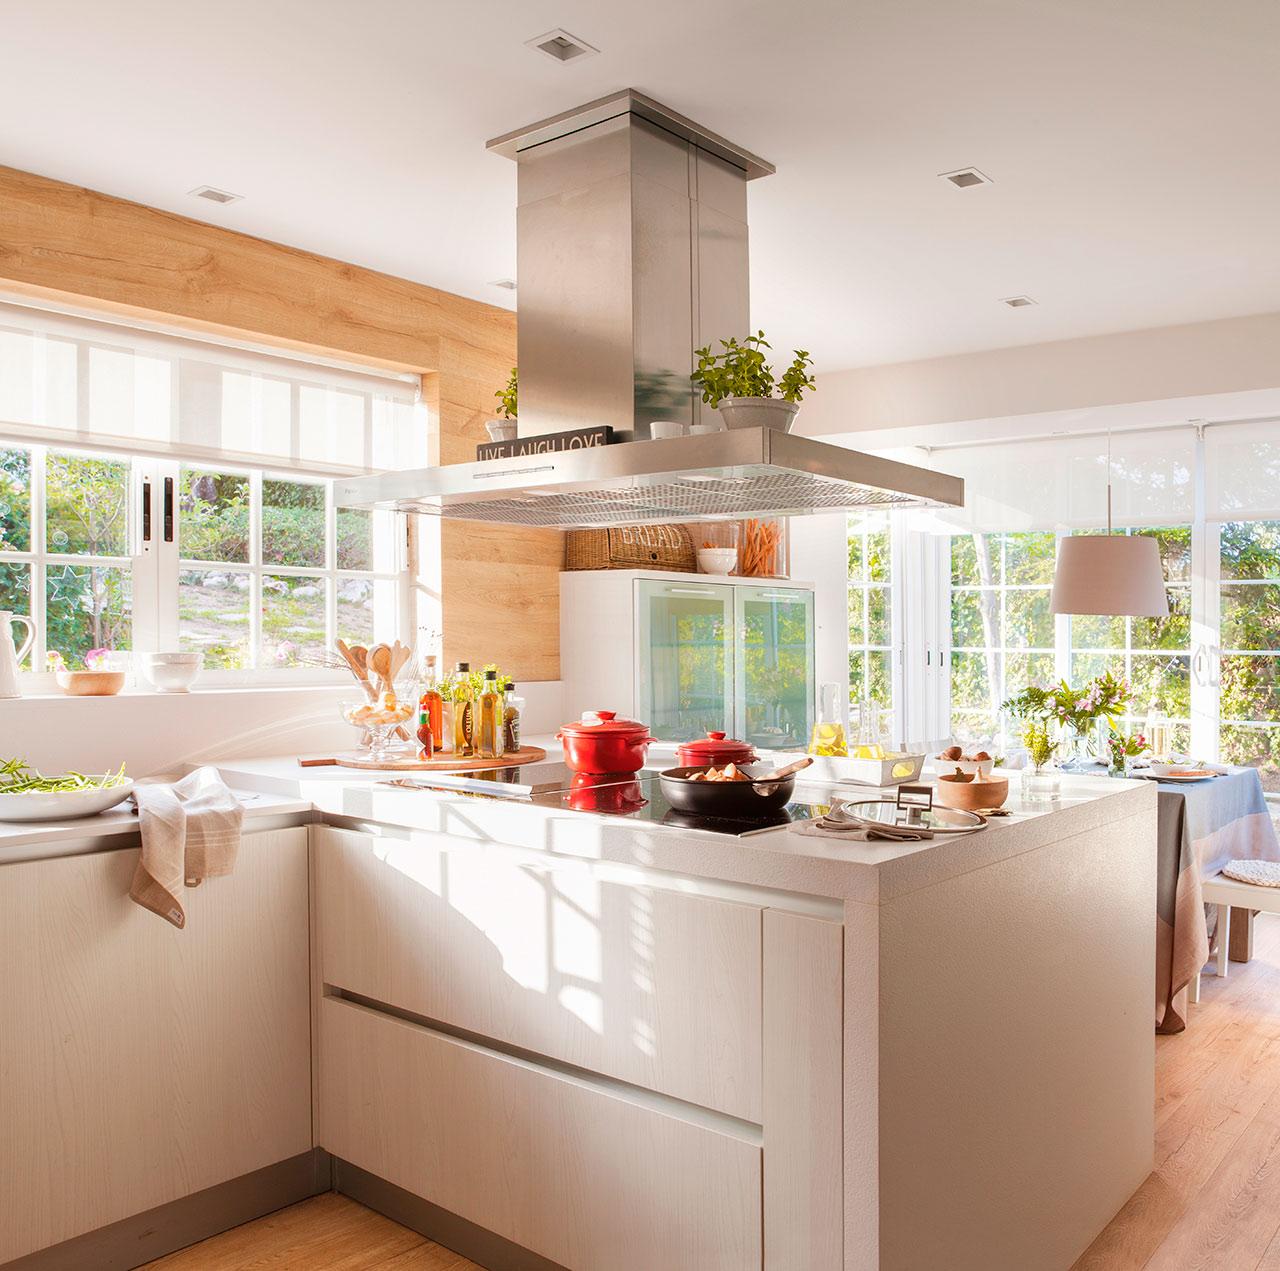 Adi s a la cruda soledad del cocinero - Como alicatar una cocina ...